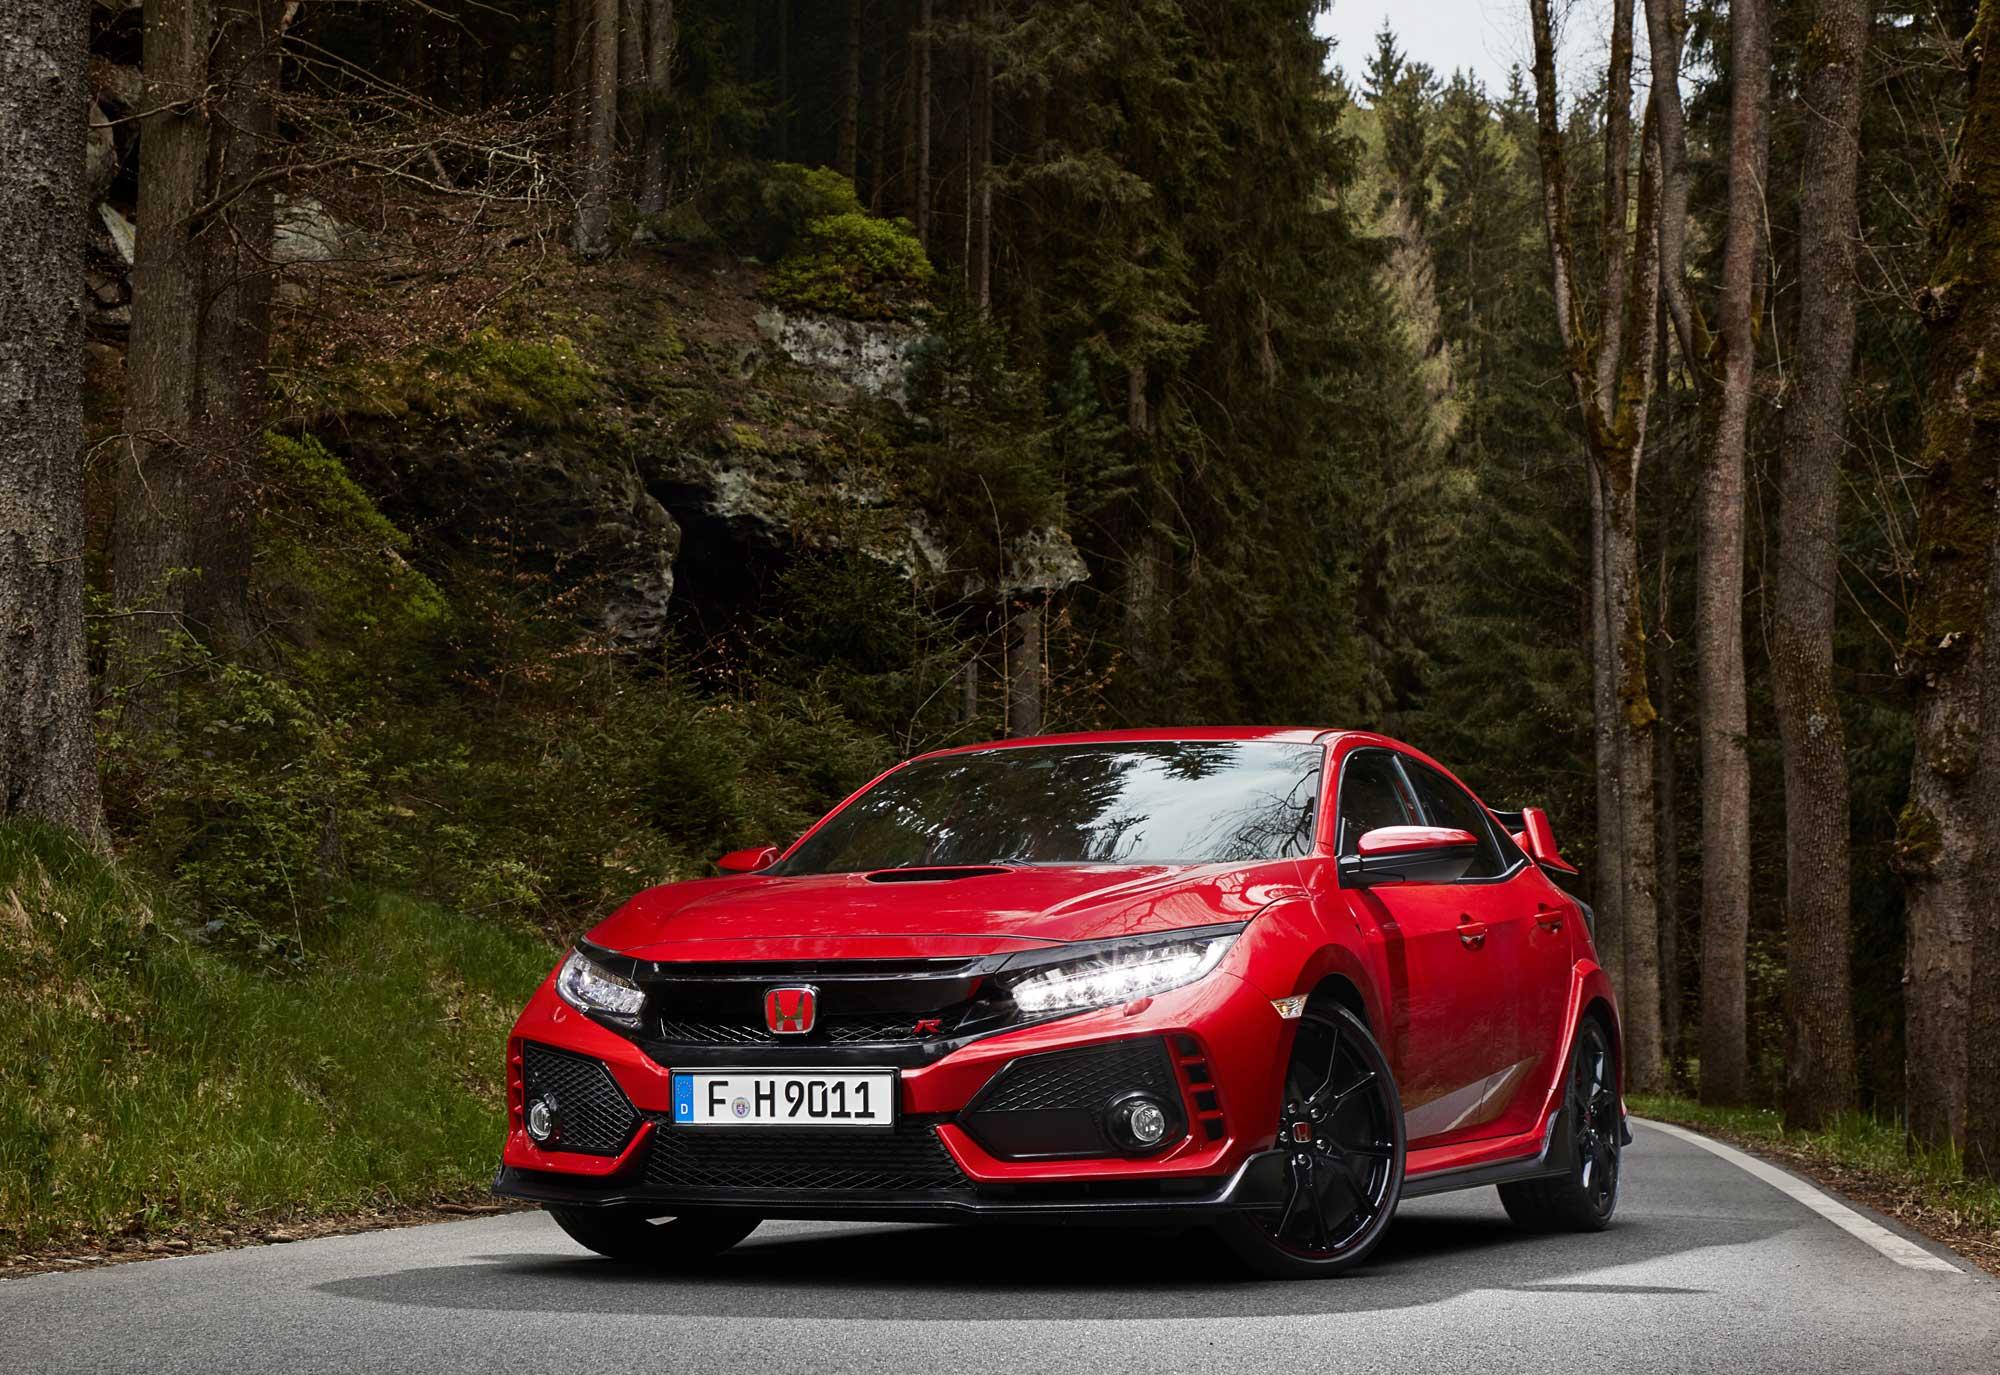 2017-Honda-Civic-Type-R-(20).jpg